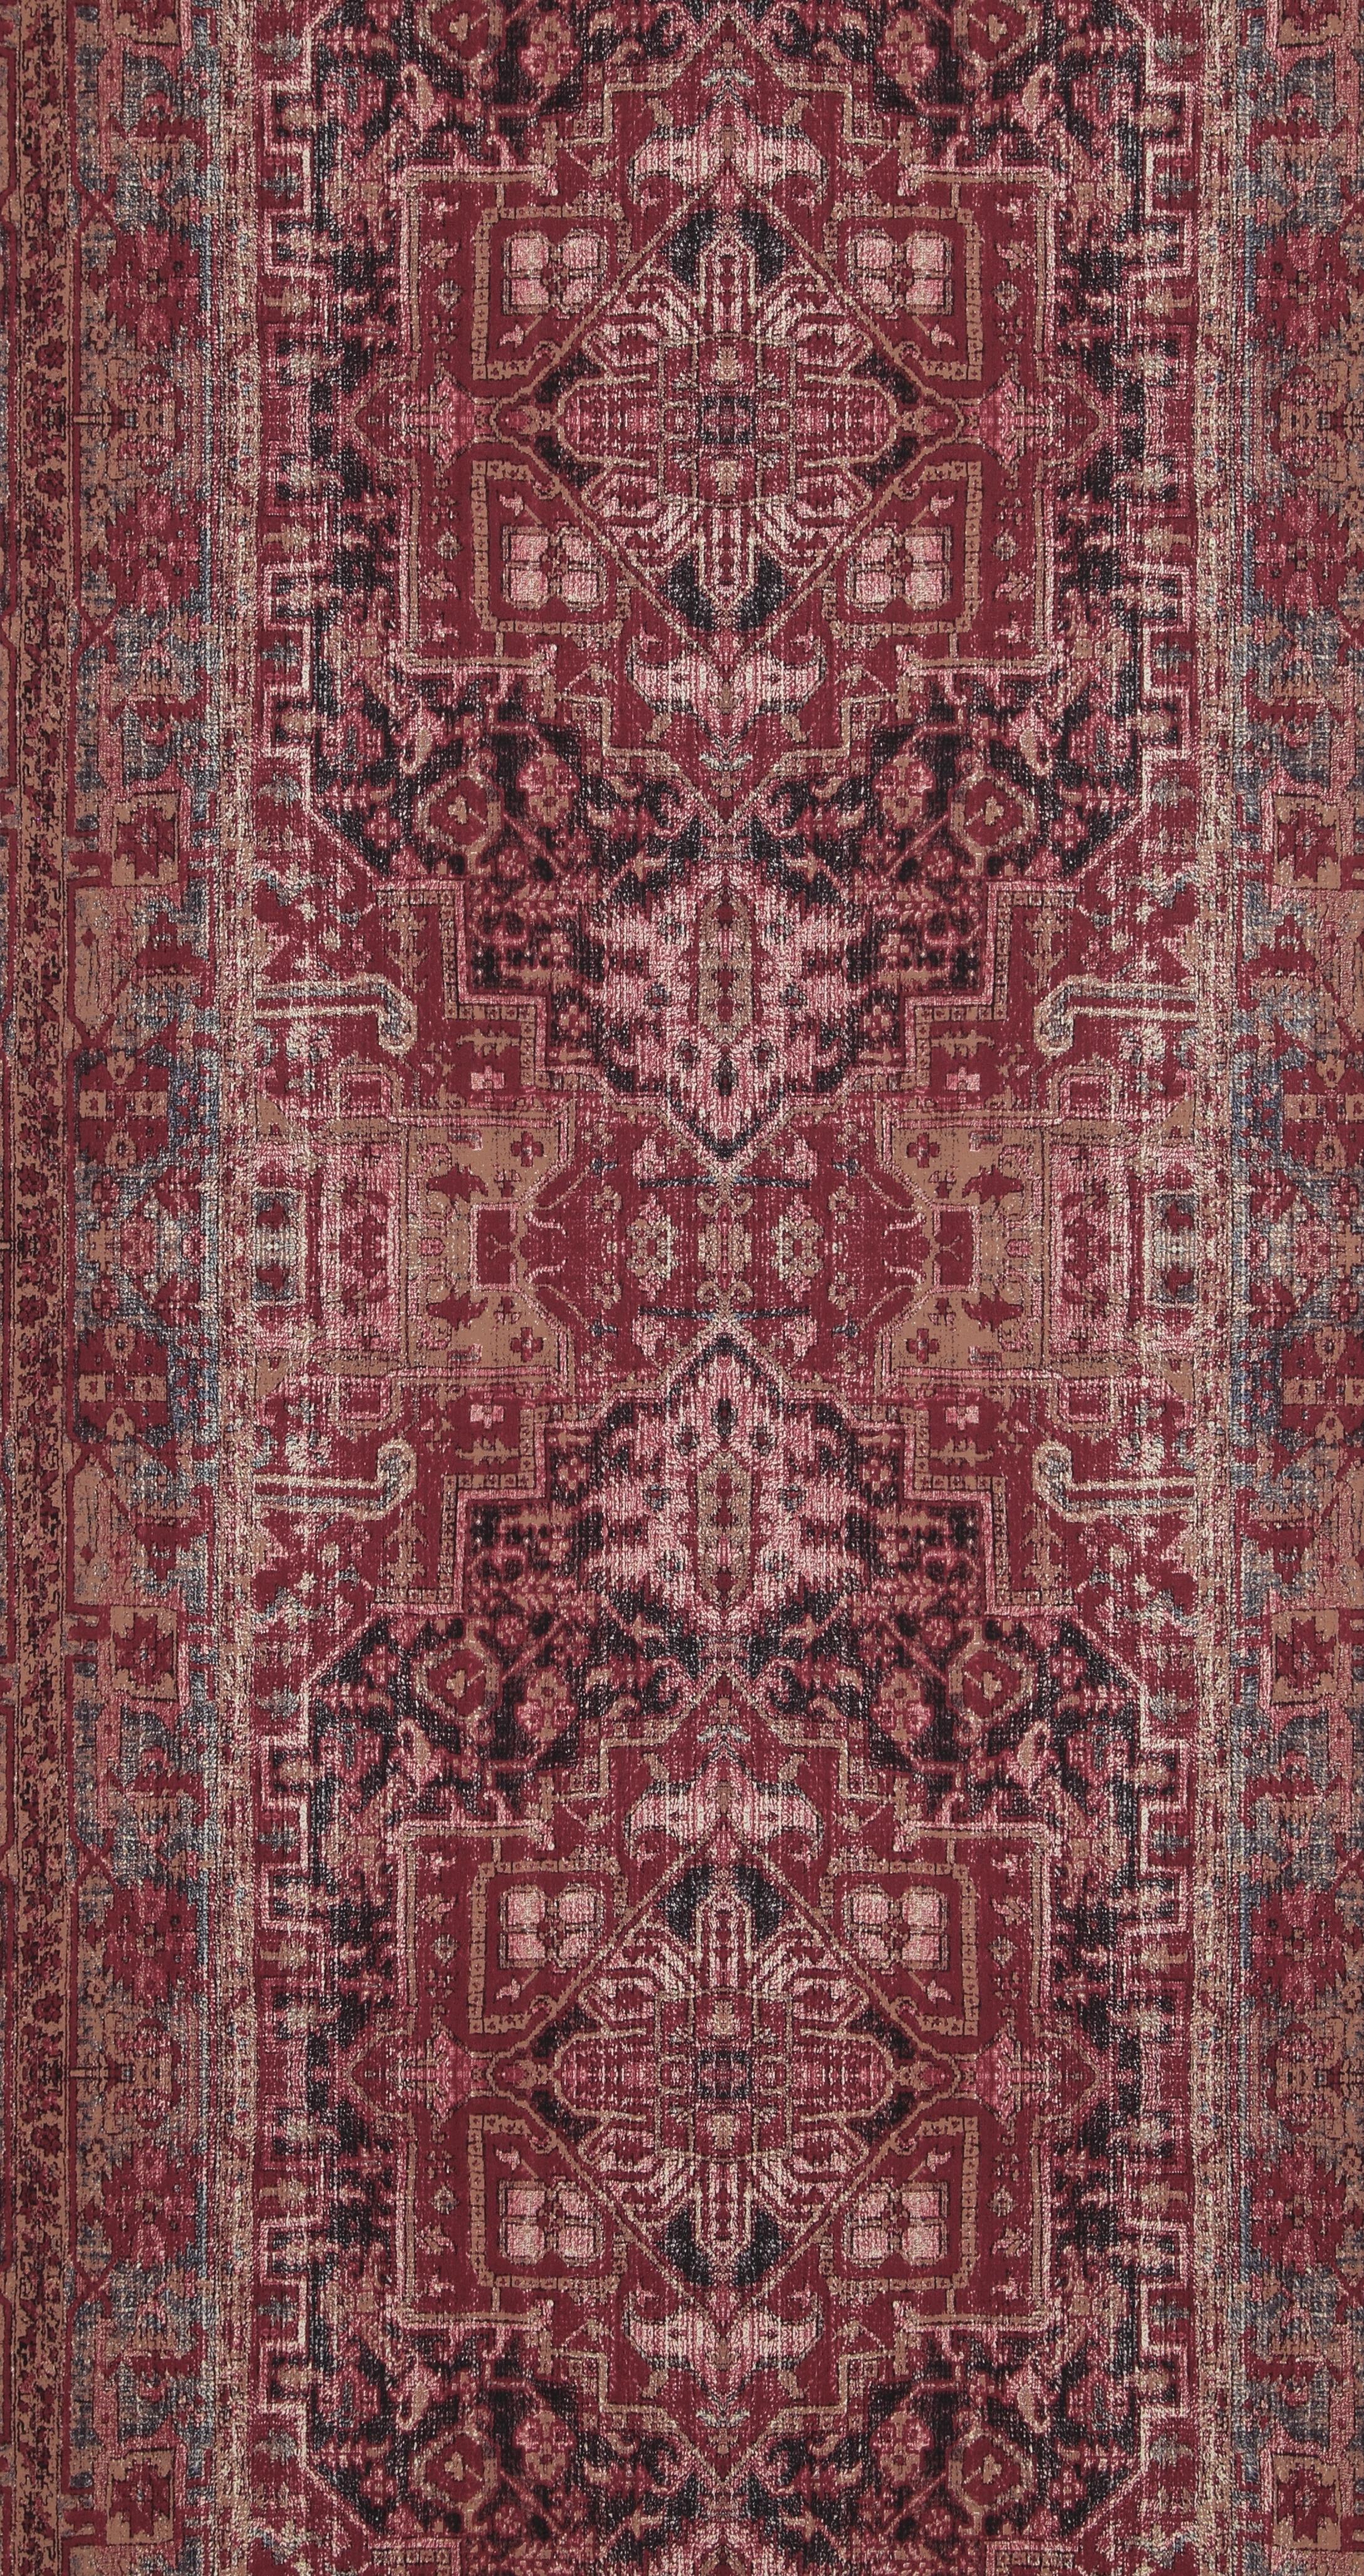 Tapete Orientalisches Muster vliestapete wandteppich muster orientalisch bordeaux rot ethno